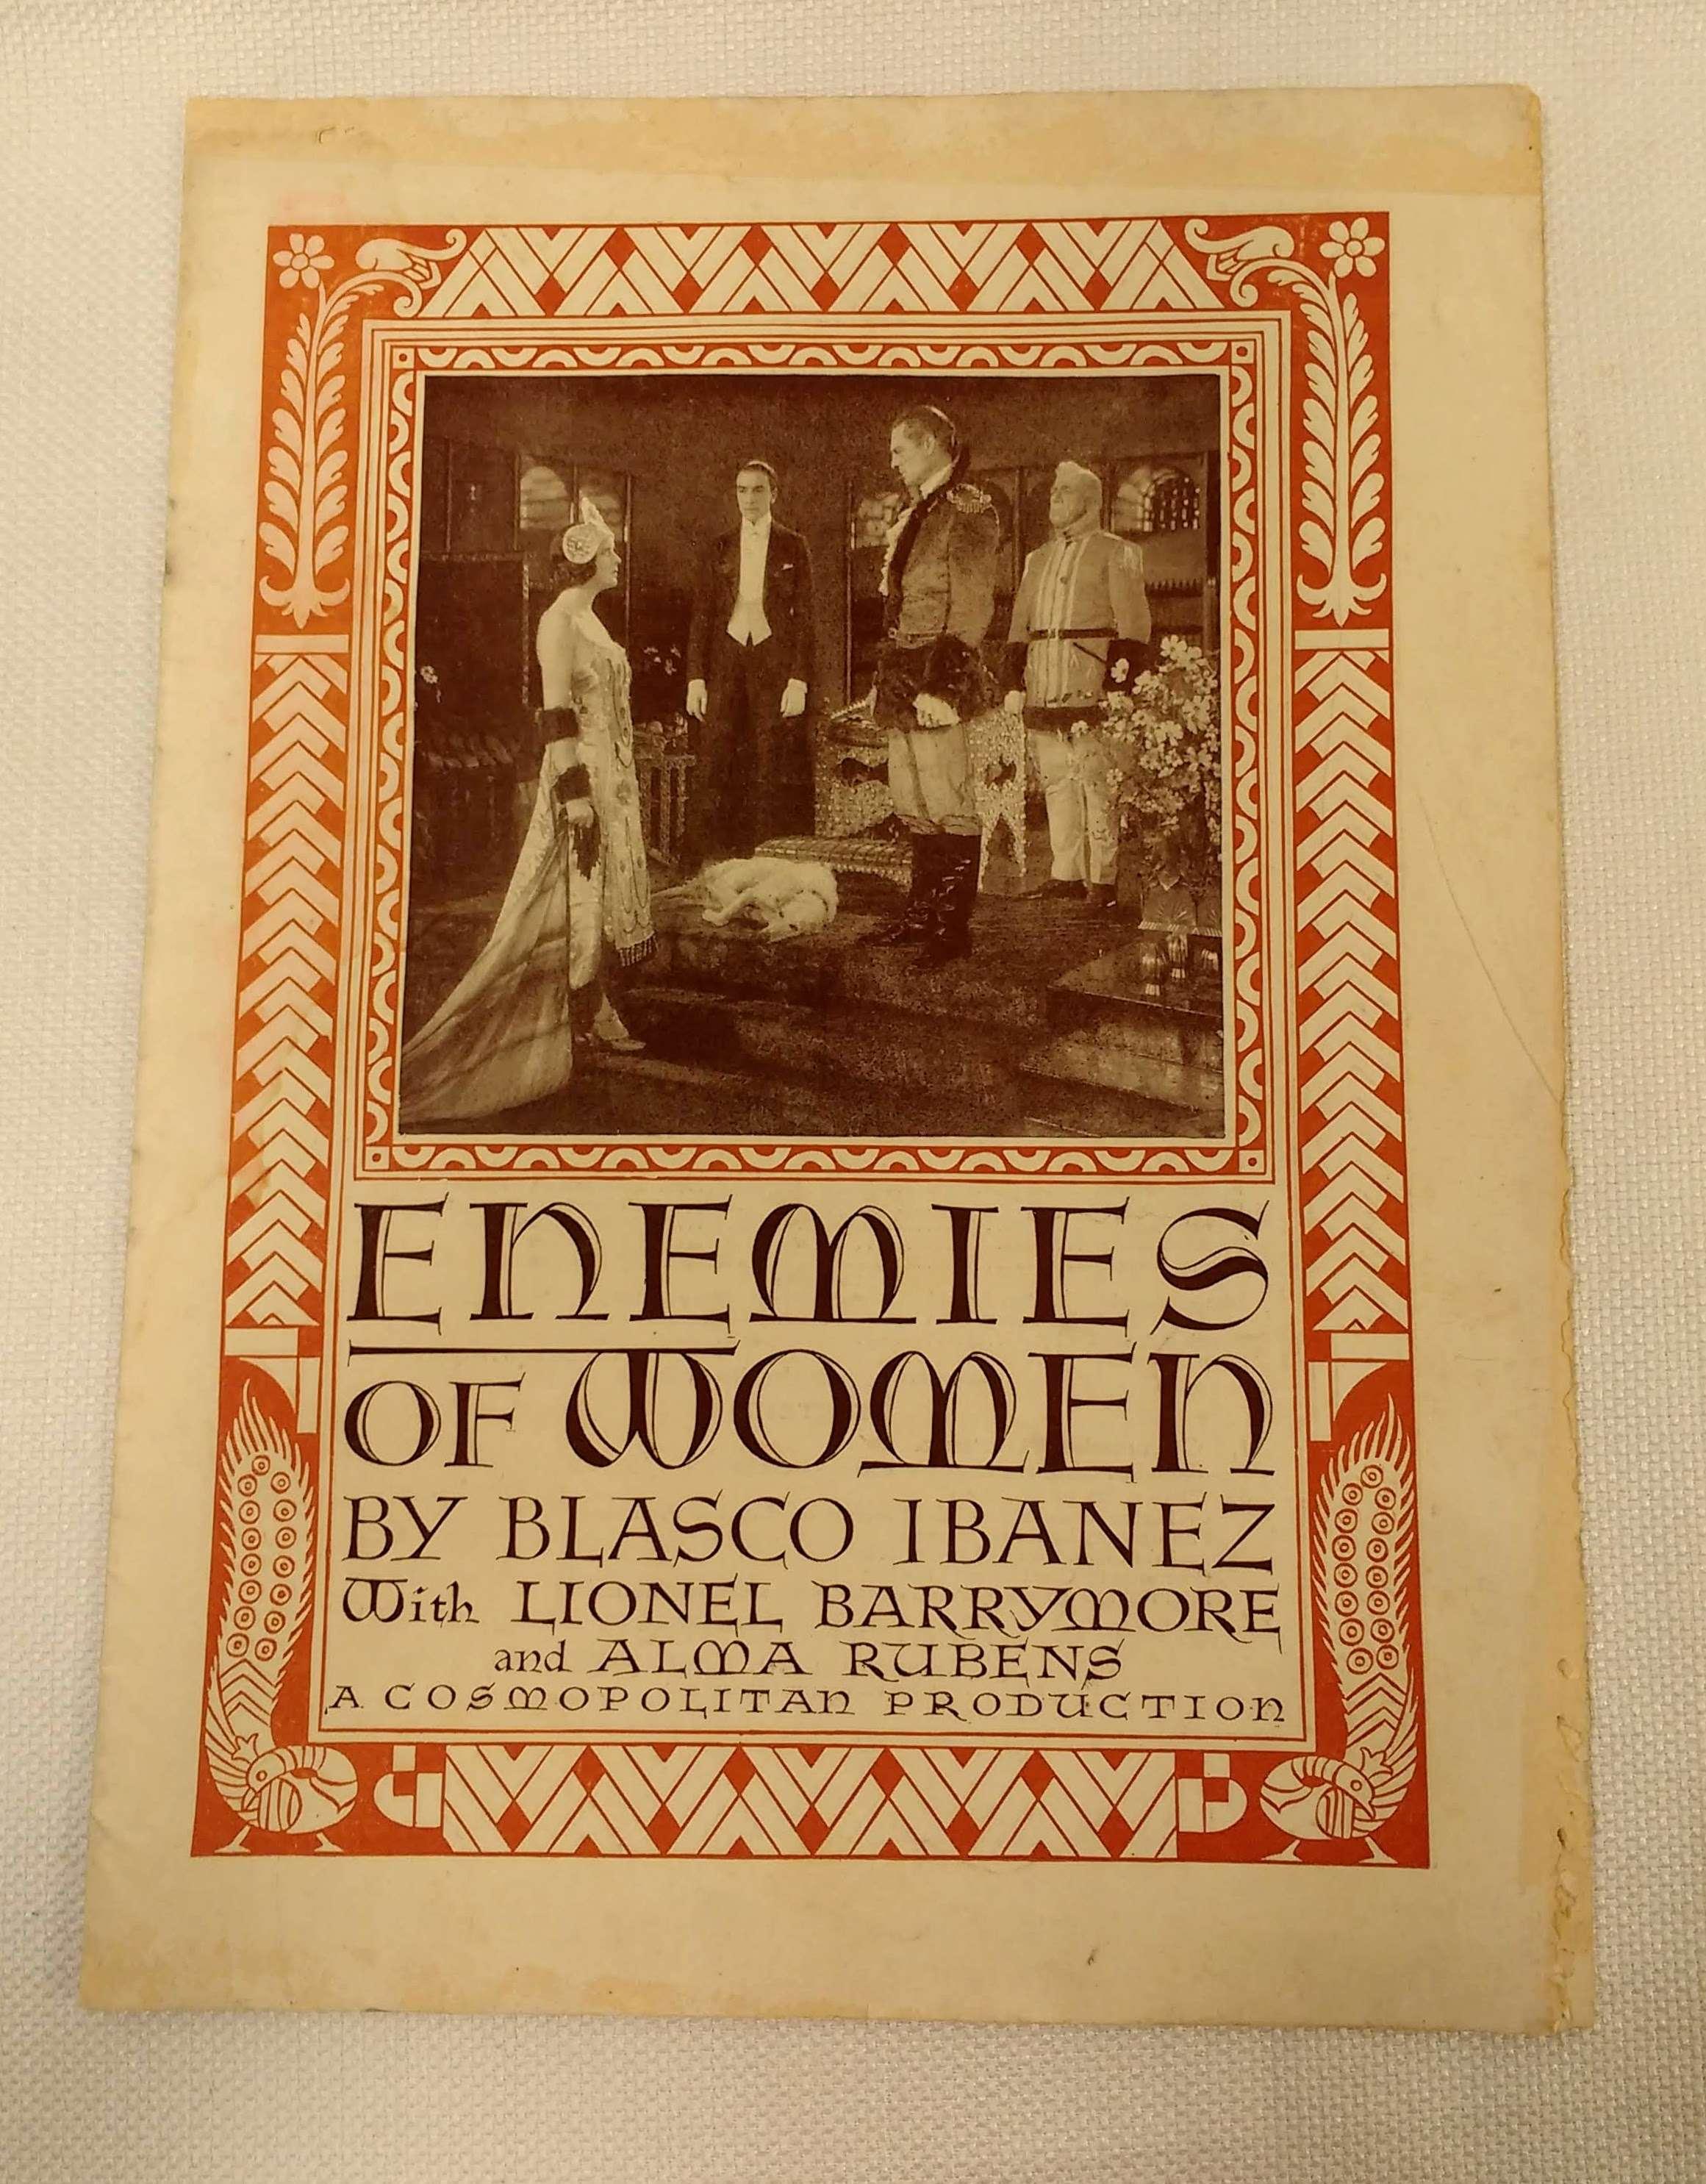 Enemies of Women; A Cosmopolitan Production [movie program], Blasco Ibanez, Vincente; Crosland, Alan [director]